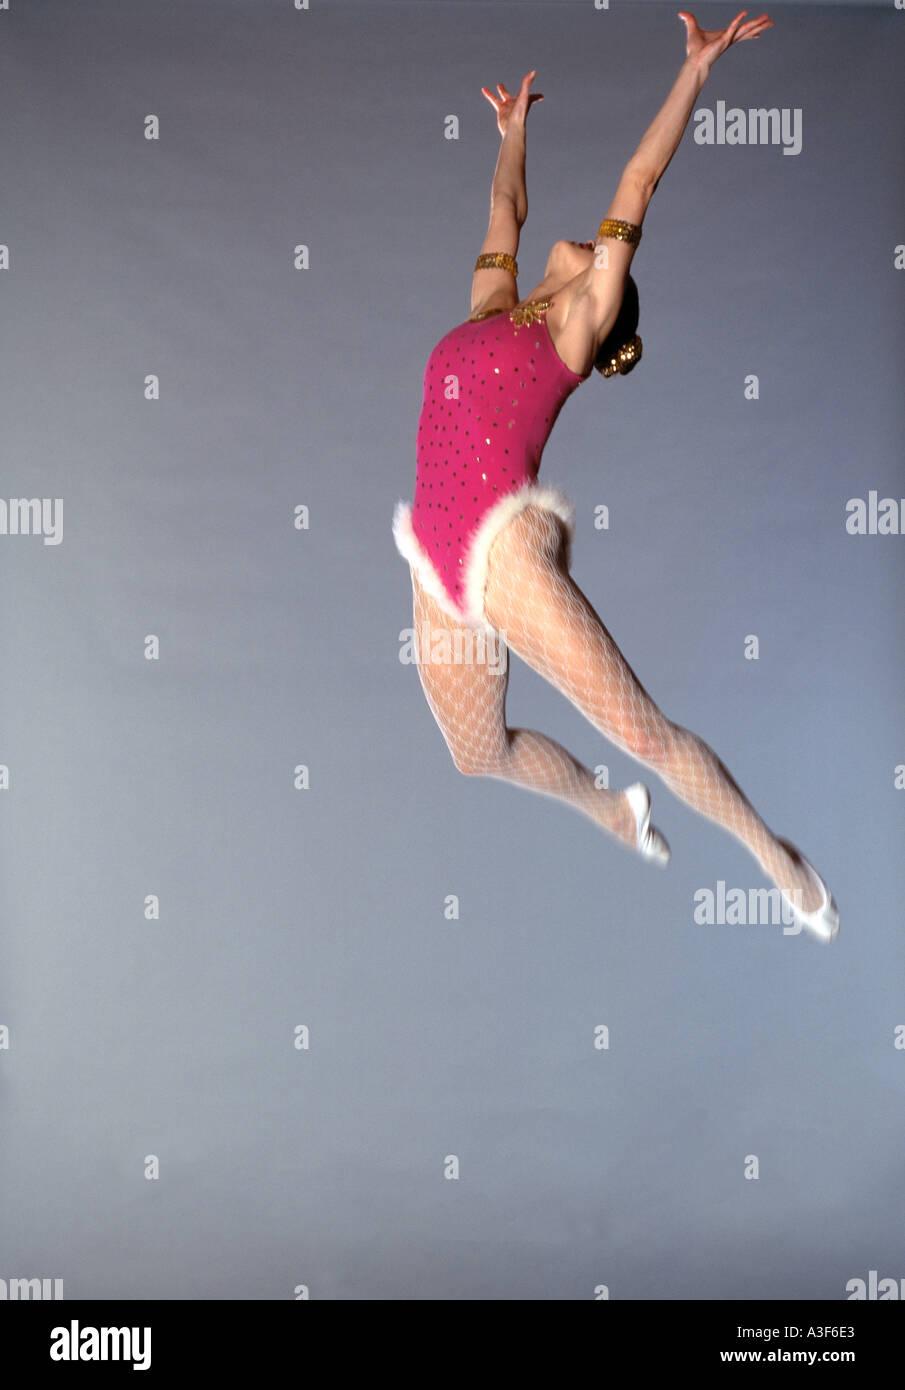 Trapéziste volant par l'air fond gris Photo Stock